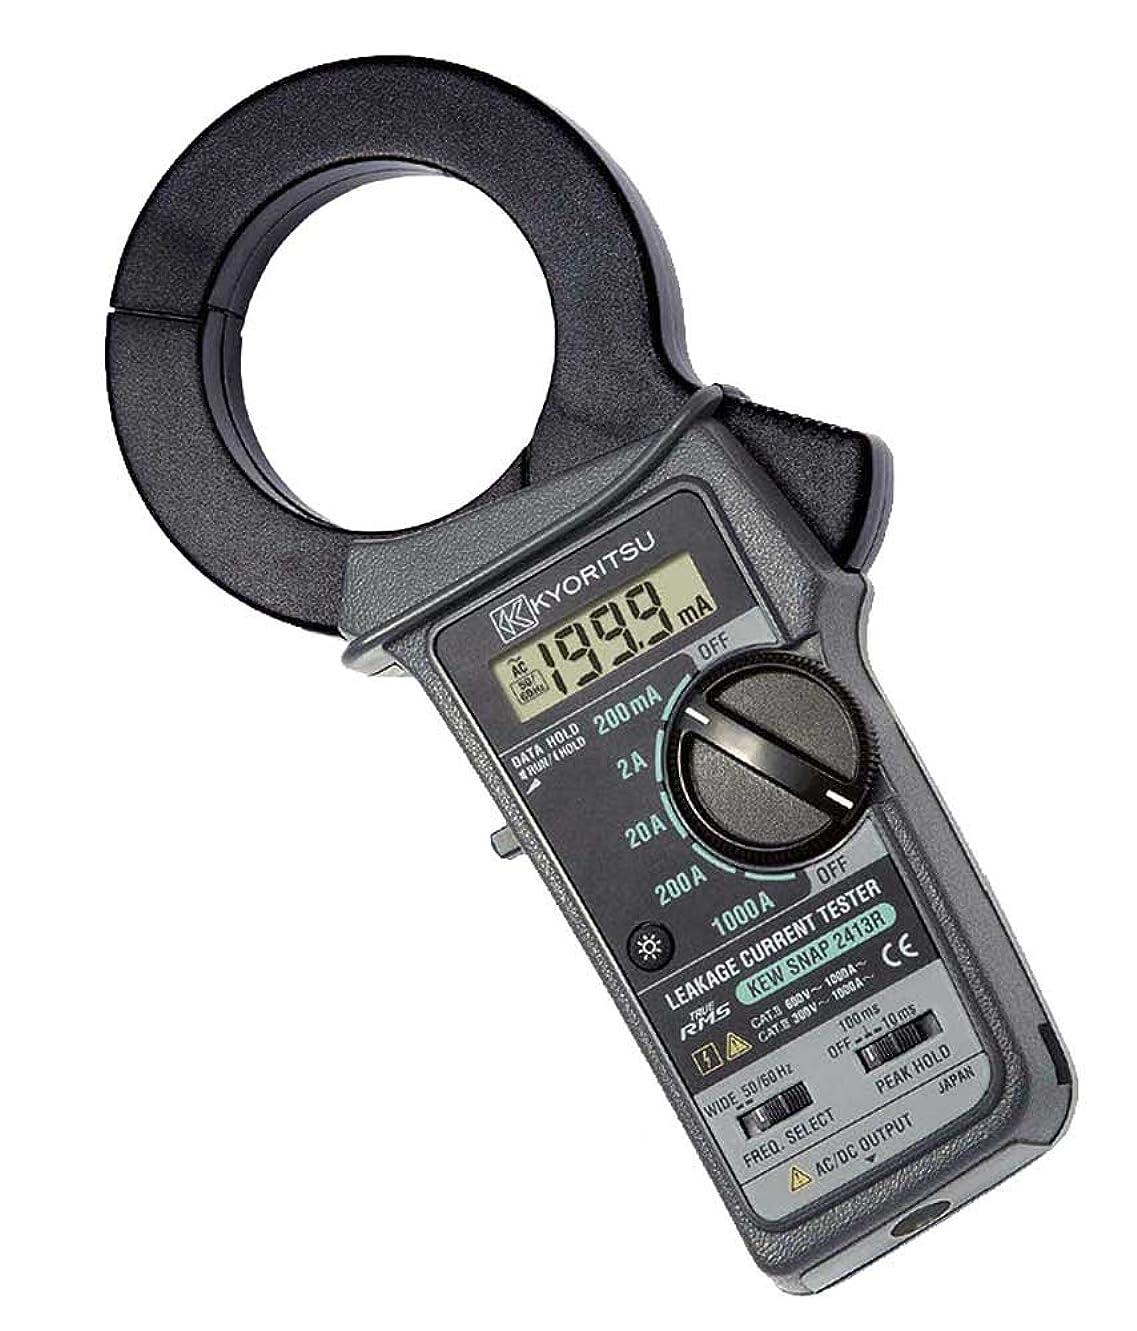 スピーチフォーラム寸前共立電気計器 (KYORITSU) 2413R キュースナップ?漏れ電流?負荷電流測定用クランプメータ